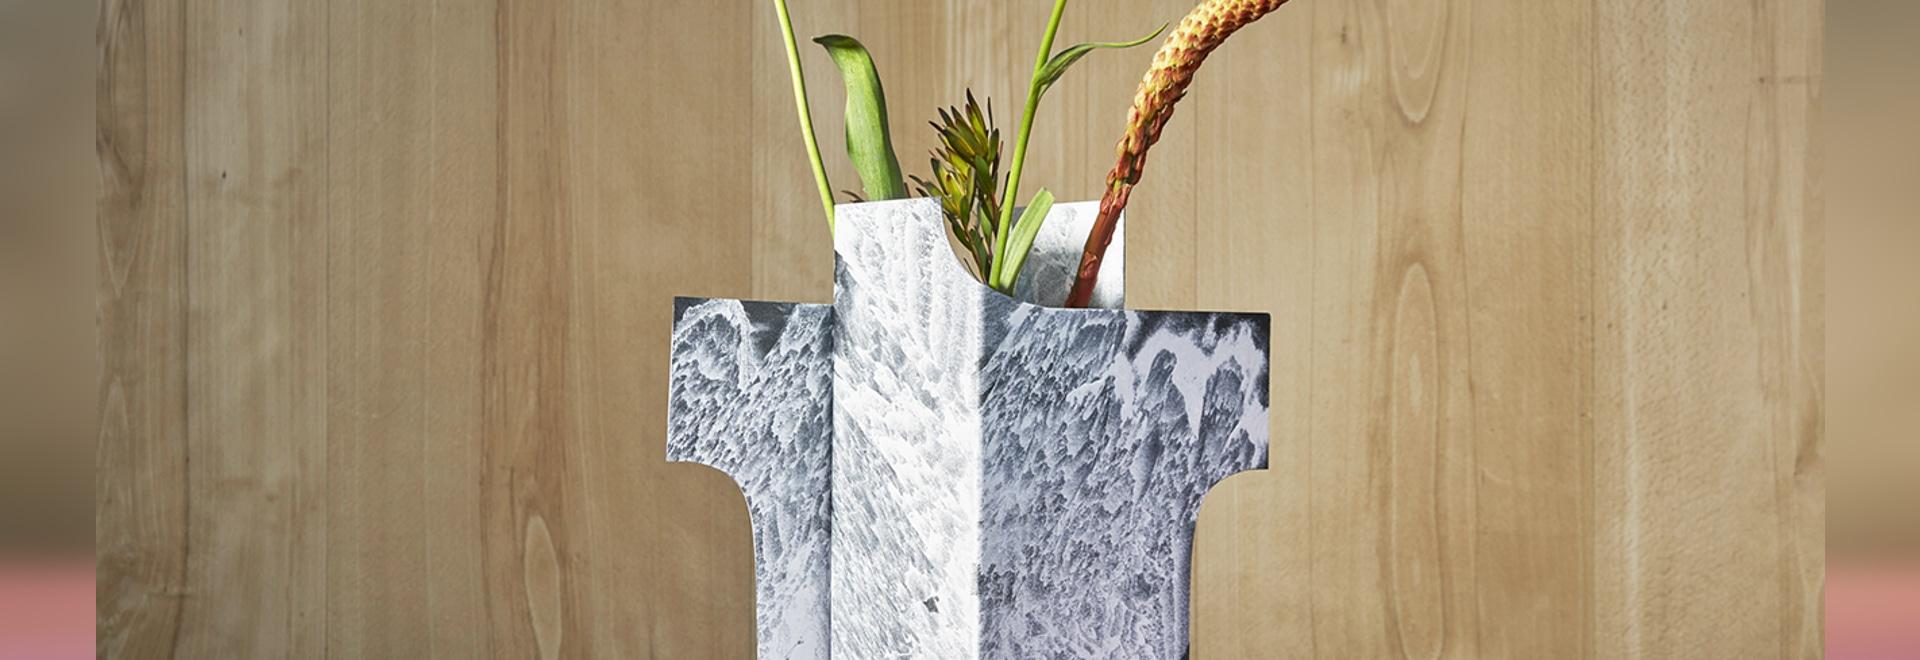 Jenny Nordberg presta una mano artística al proceso de revestimiento en polvo